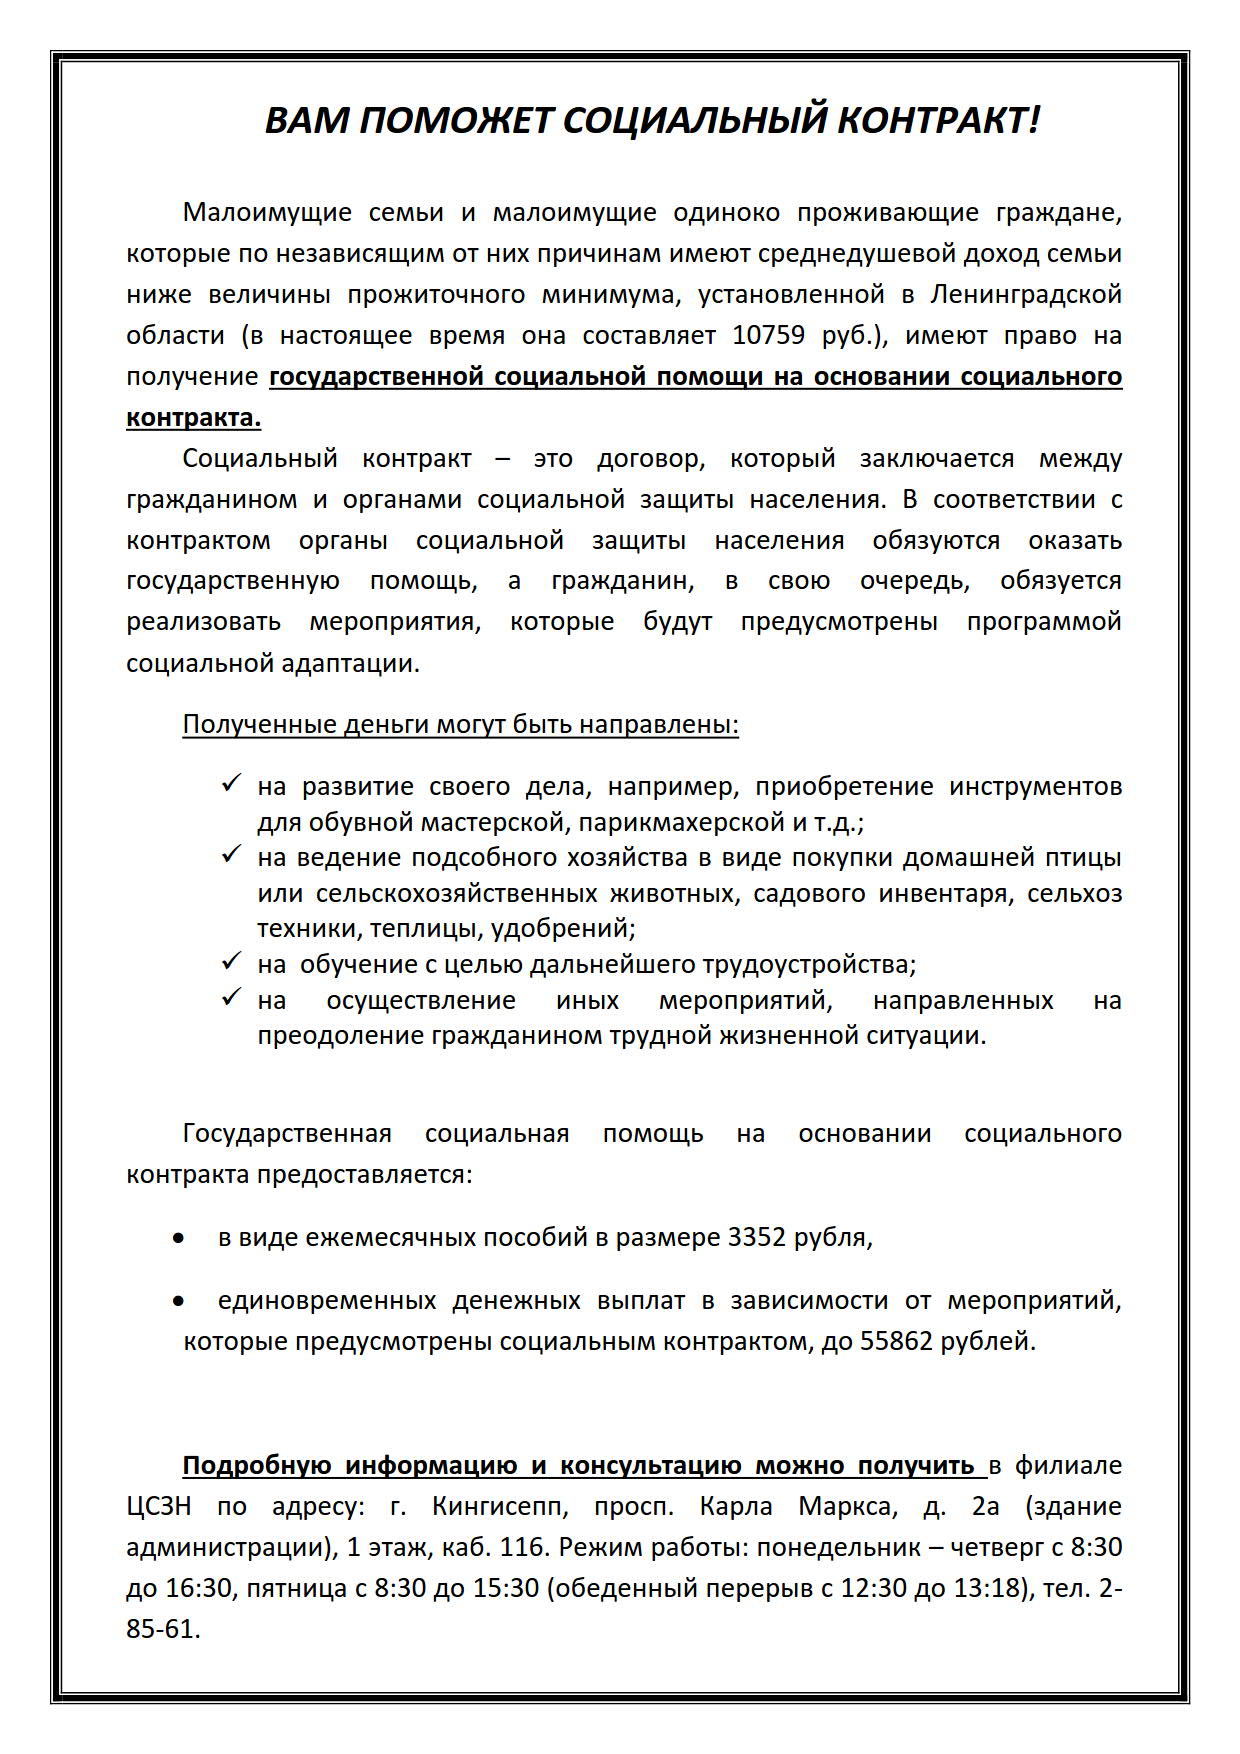 Объявление соцконтракт_1